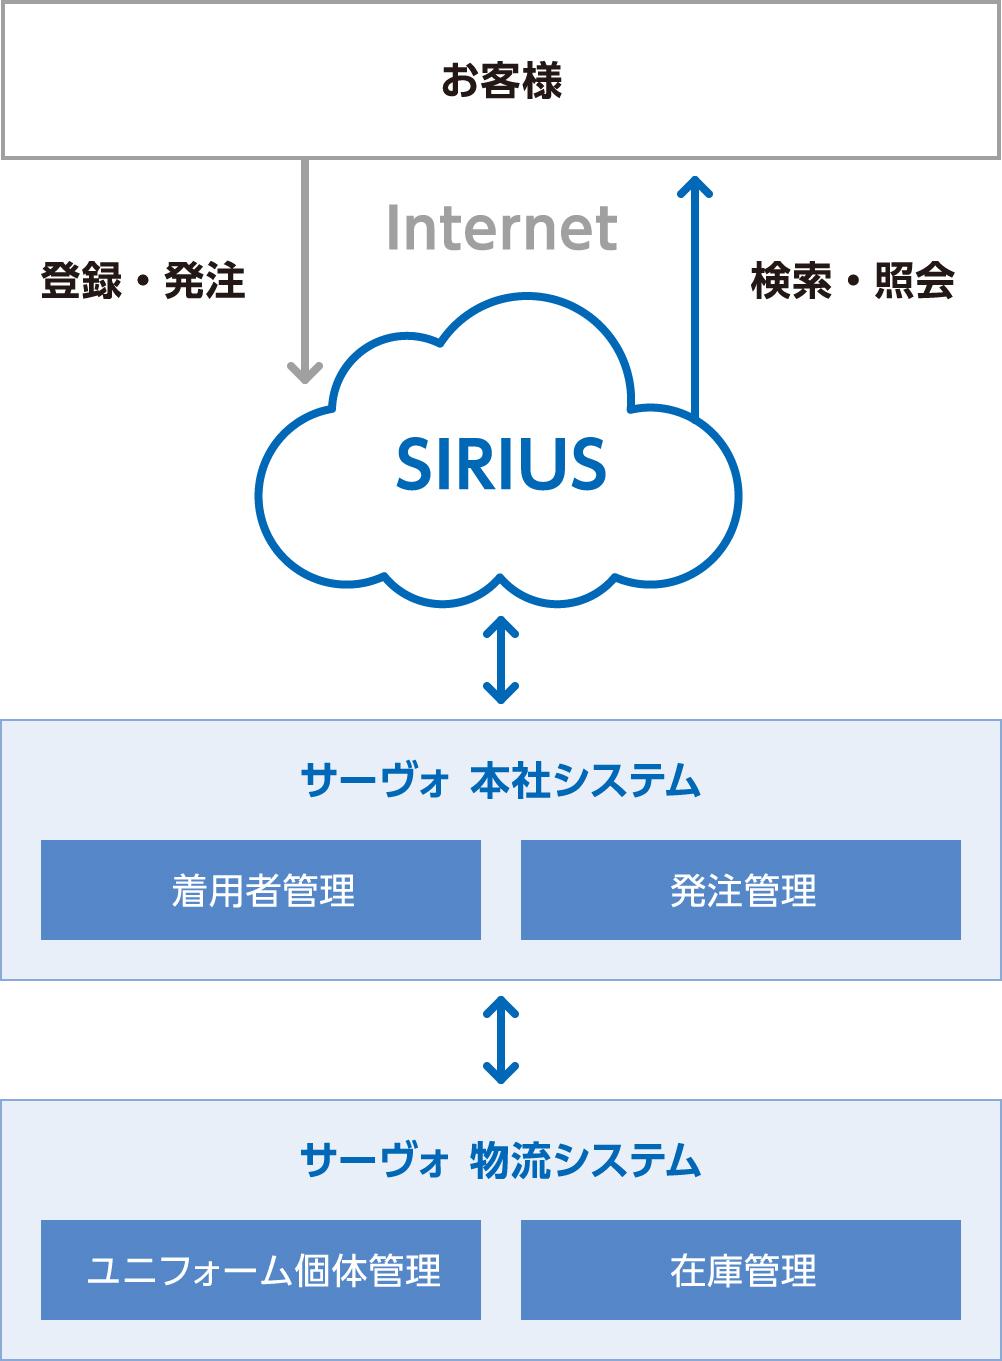 """Web管理システム""""SIRIUS"""""""